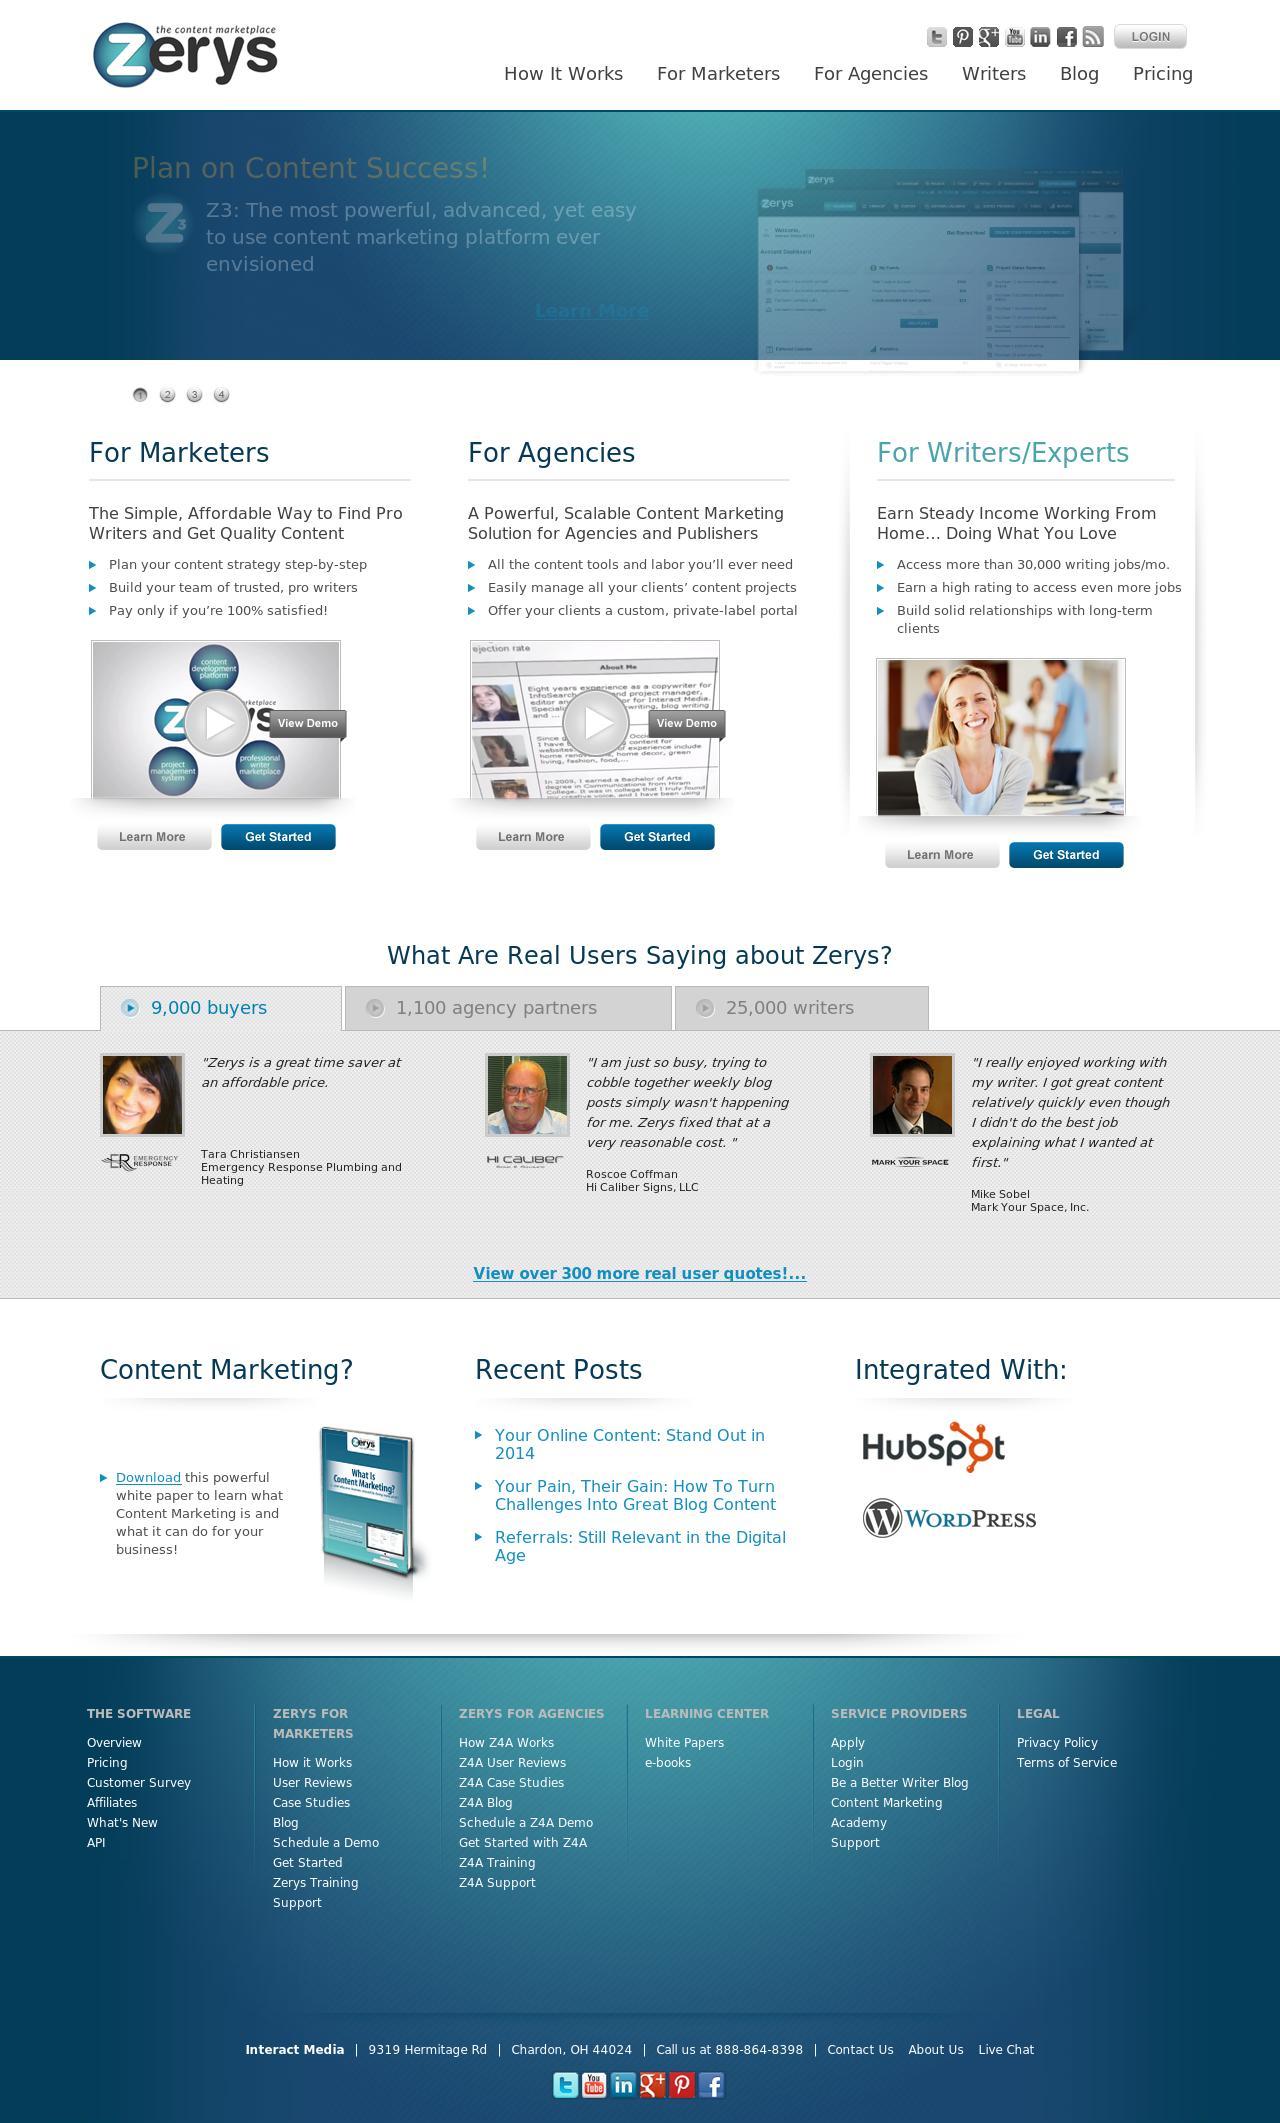 Zerys.com Homepage